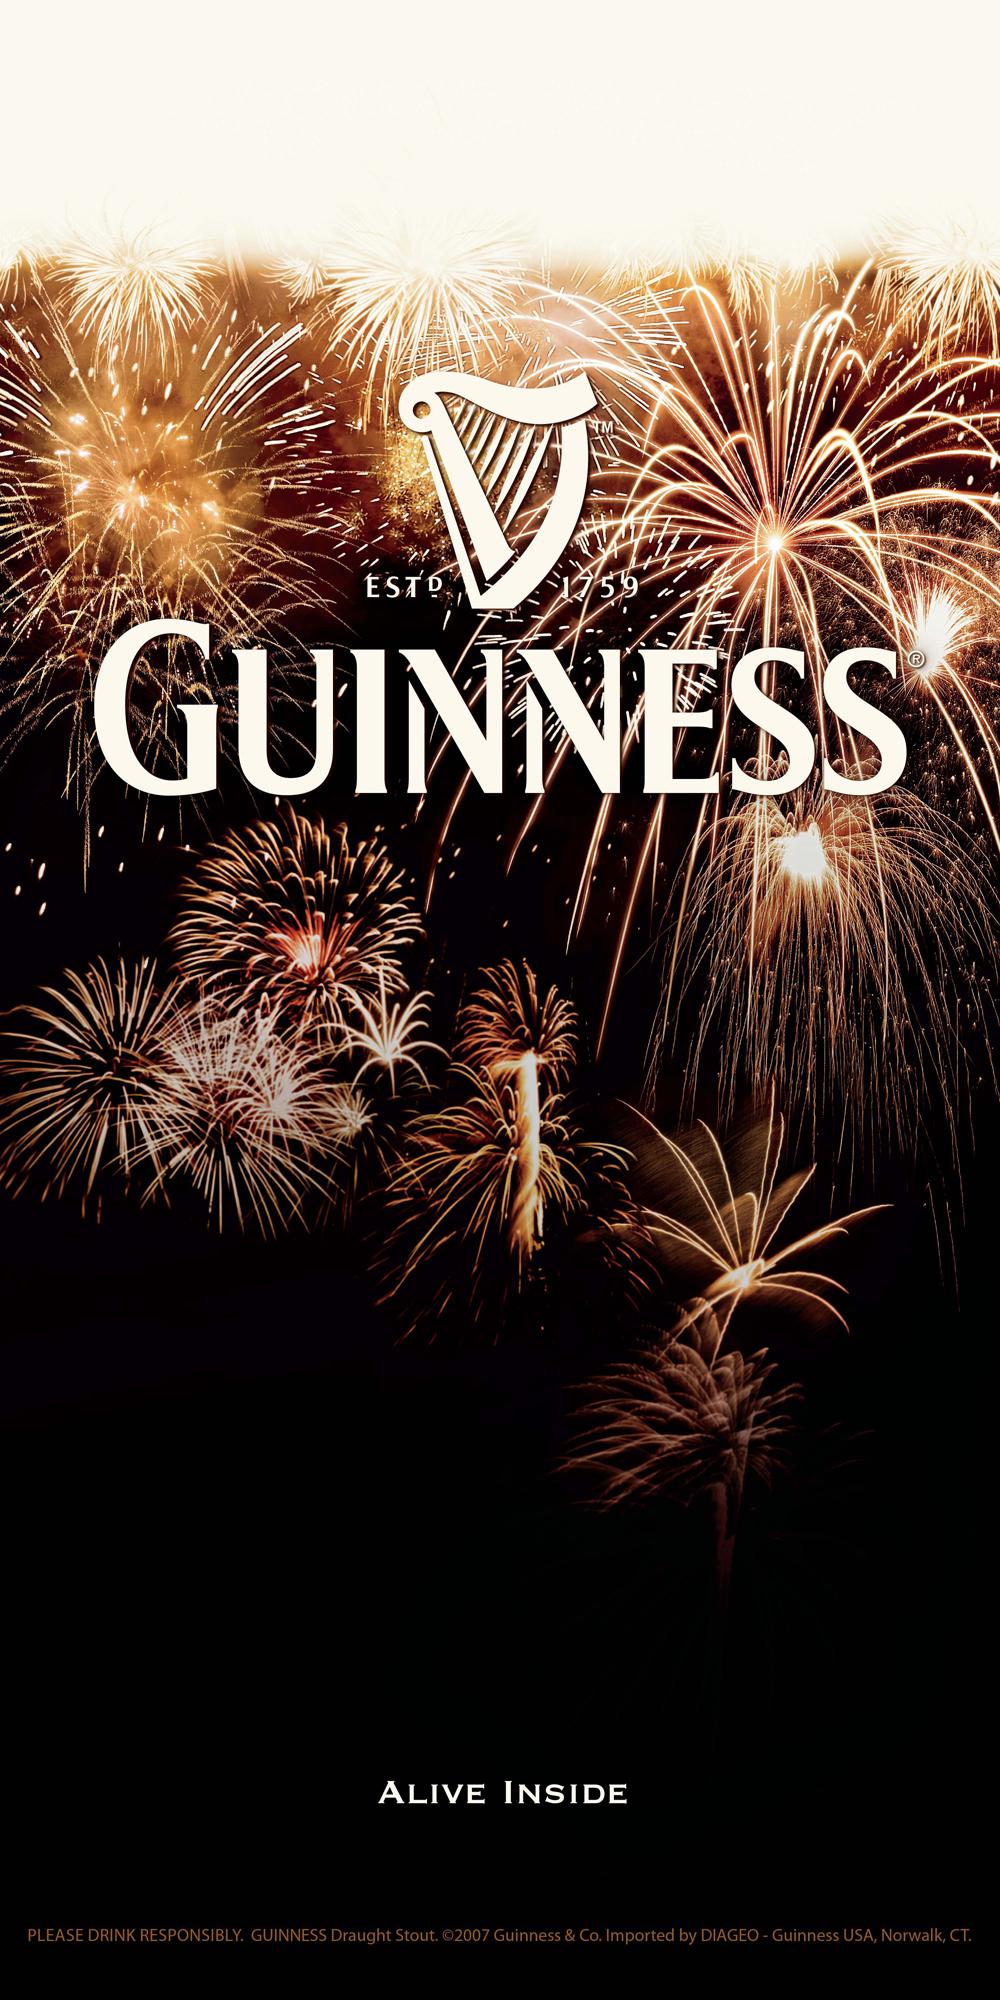 Guinness-fireworks_1440.jpg